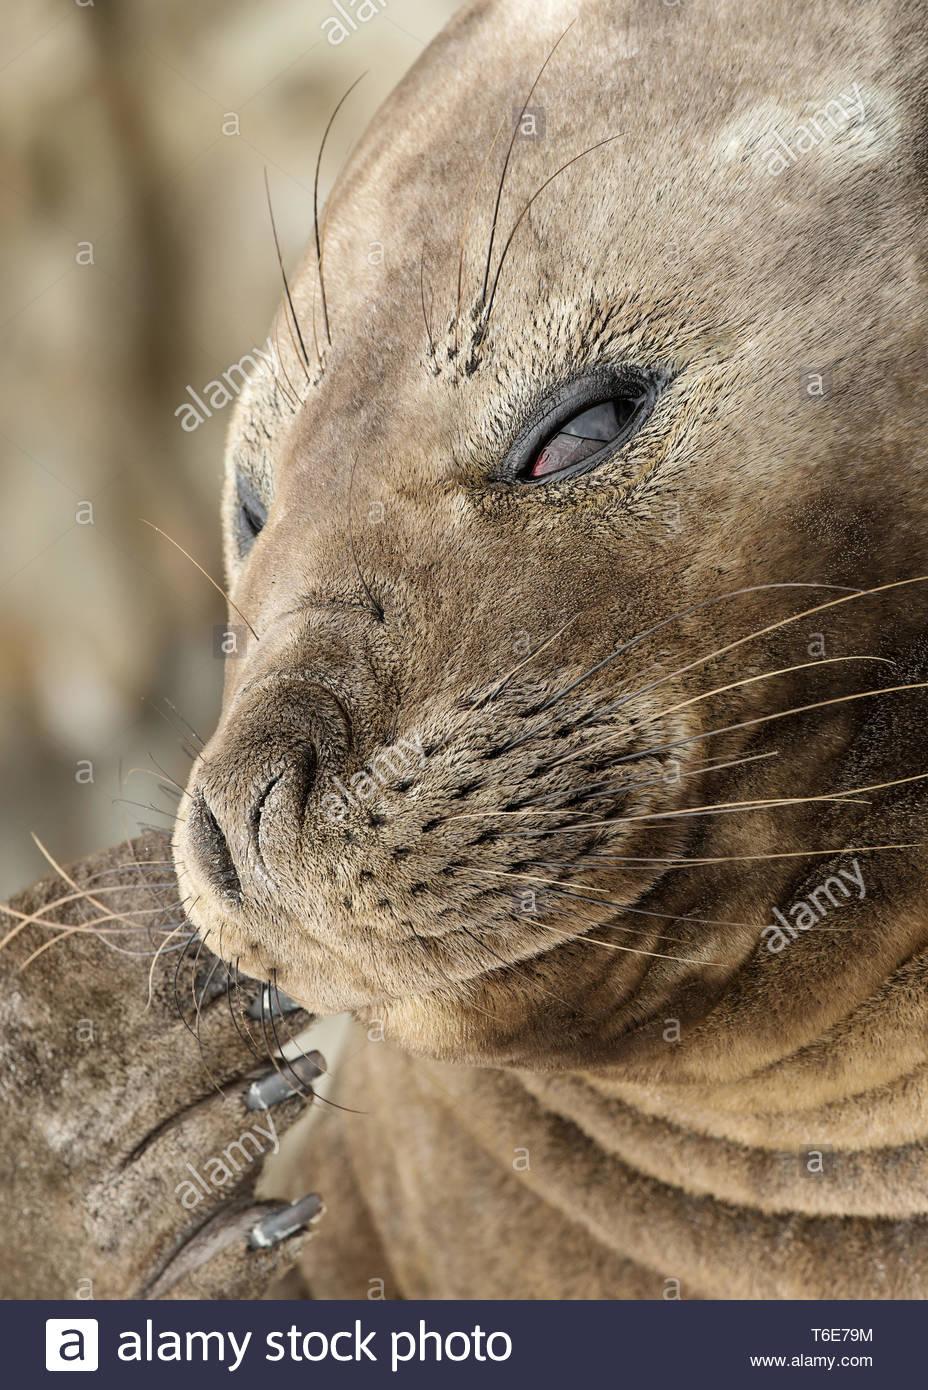 Southern elephant seal, mirounga leonina, Gold Harbor, Insle, South Georgia - Stock Image